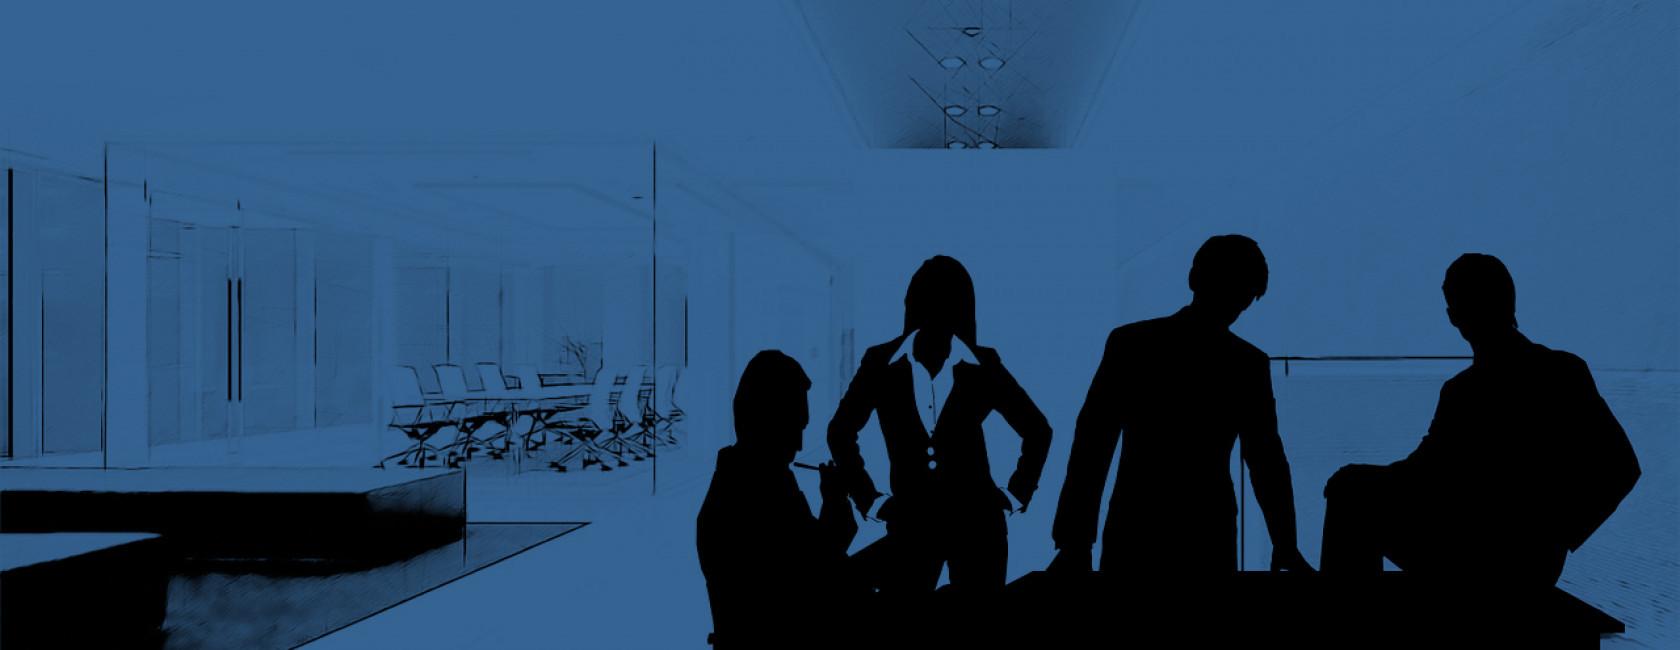 Aktualności o szkoleniach online lub stacjonarnie